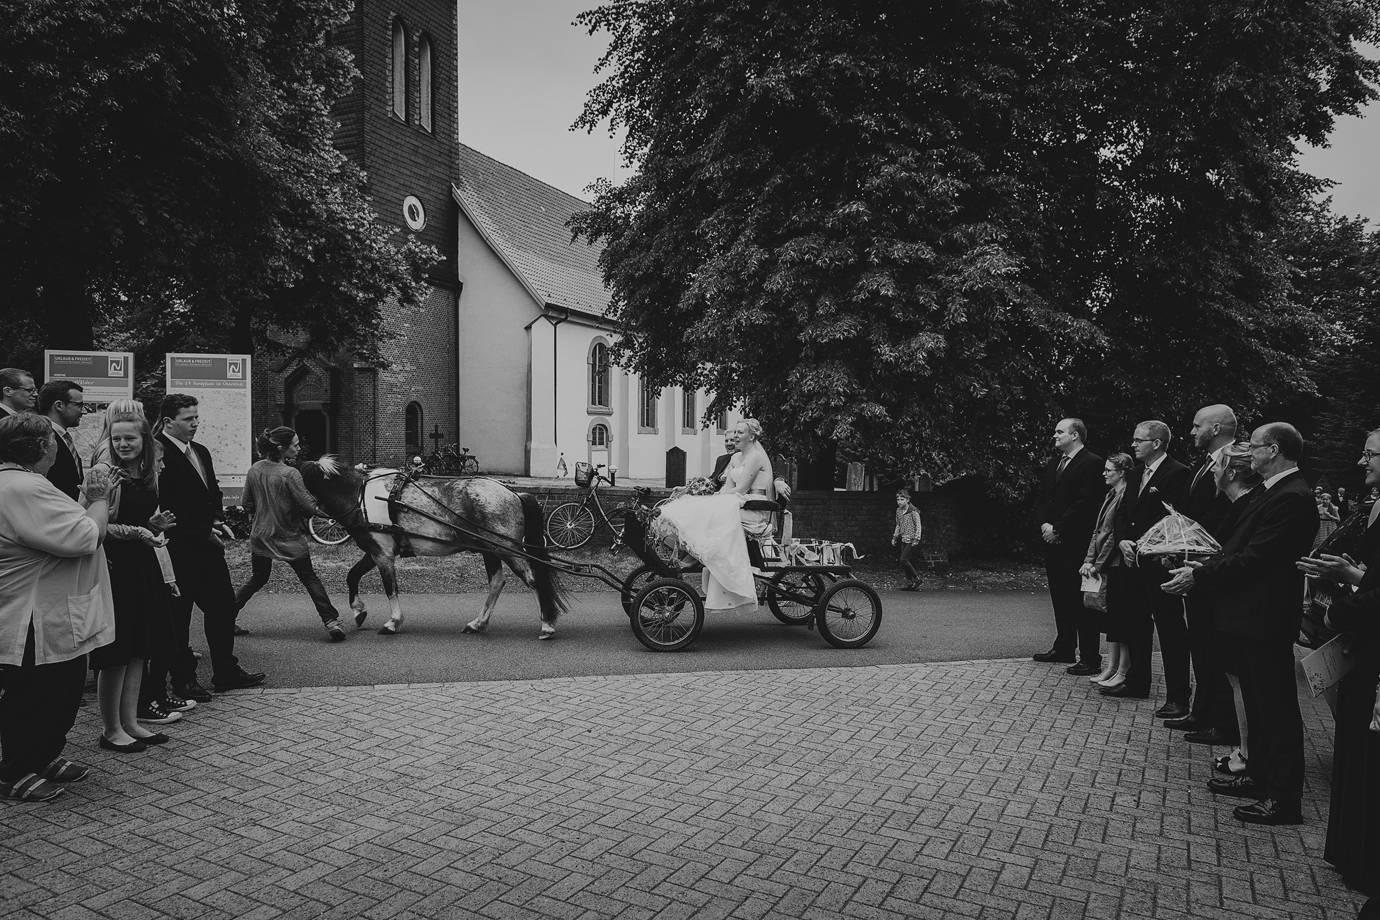 hochzeitsfotograf rotenburg 130 - Rebecca+Malte